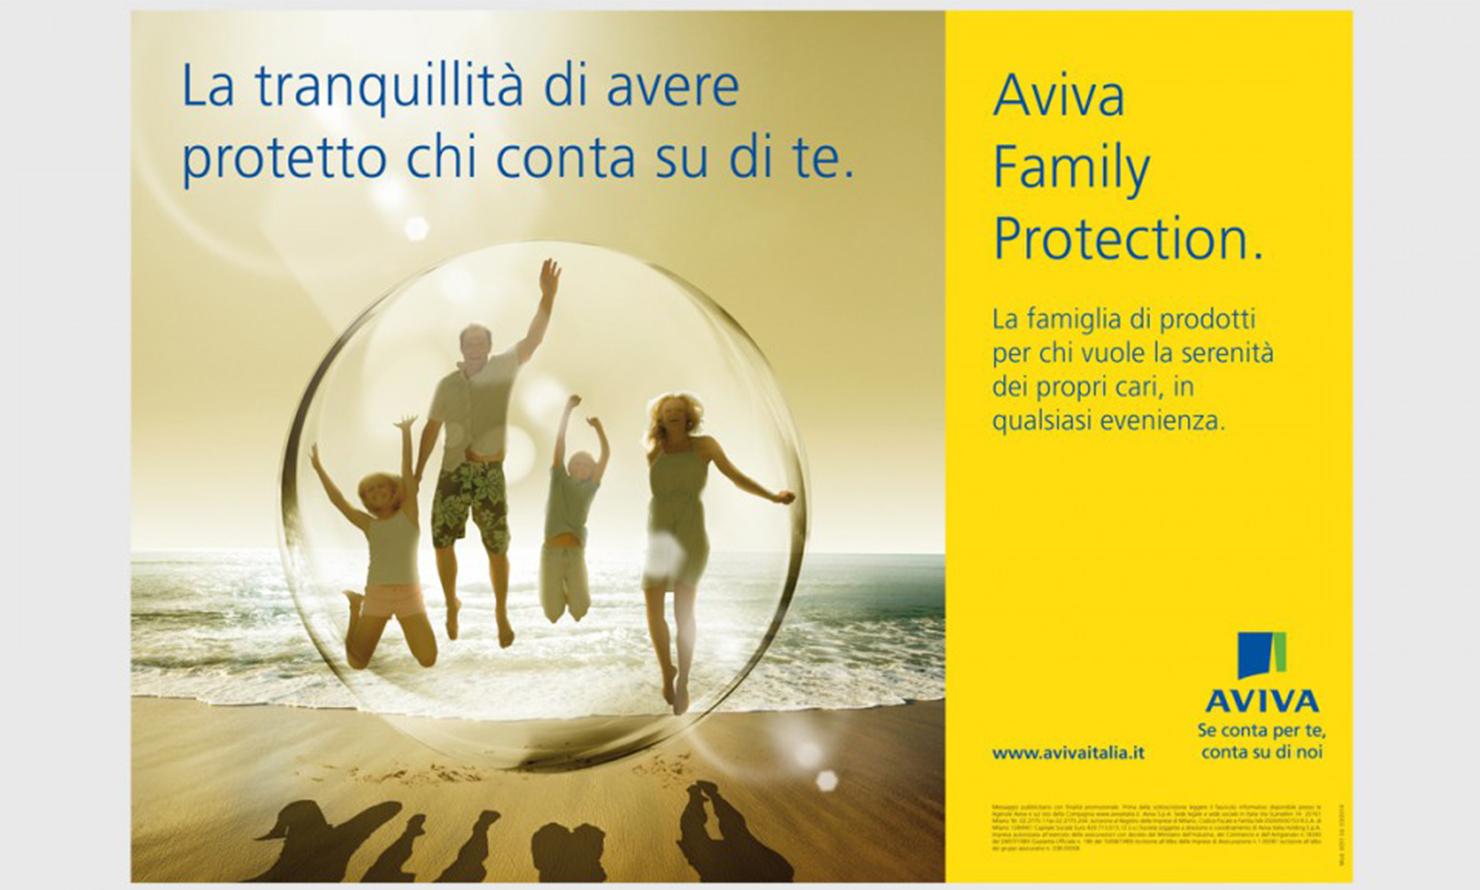 https://kubelibre.com/uploads/Slider-work-tutti-clienti/aviva-family-protection-1.jpg